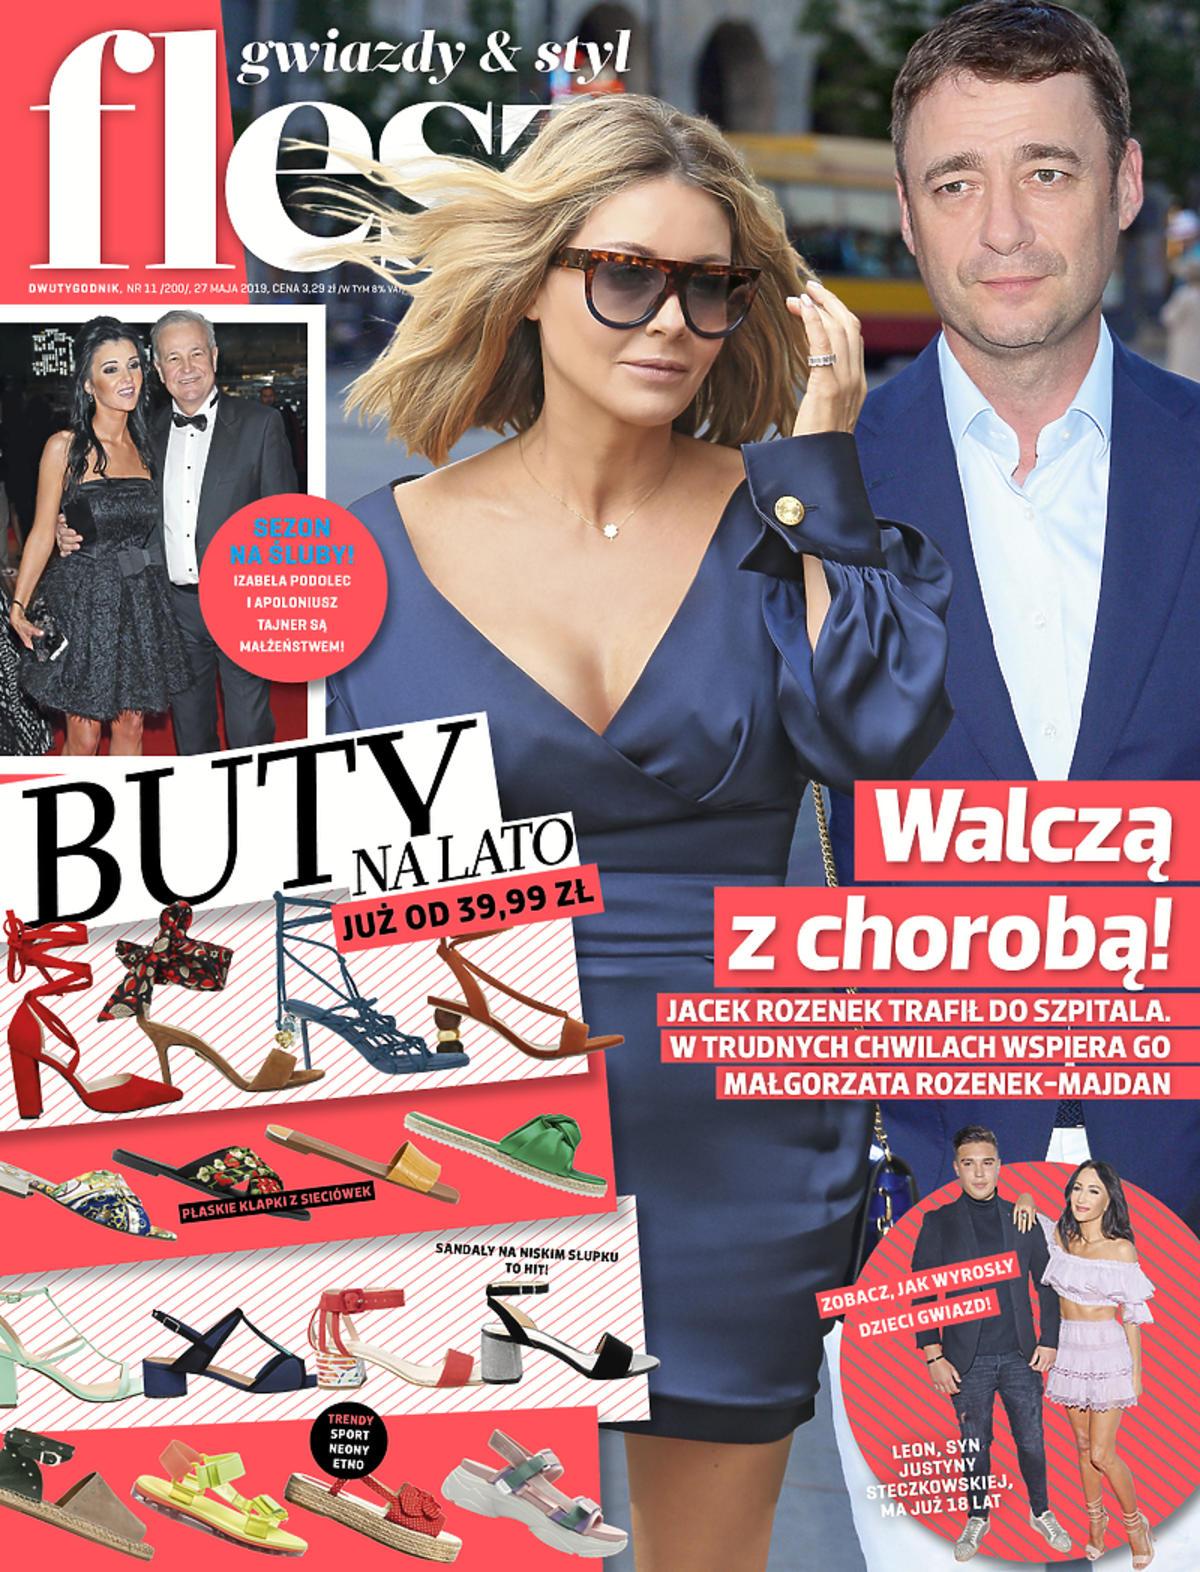 Małgorzata Rozenek walczy o zdrowie byłego męża. Okładka magazynu